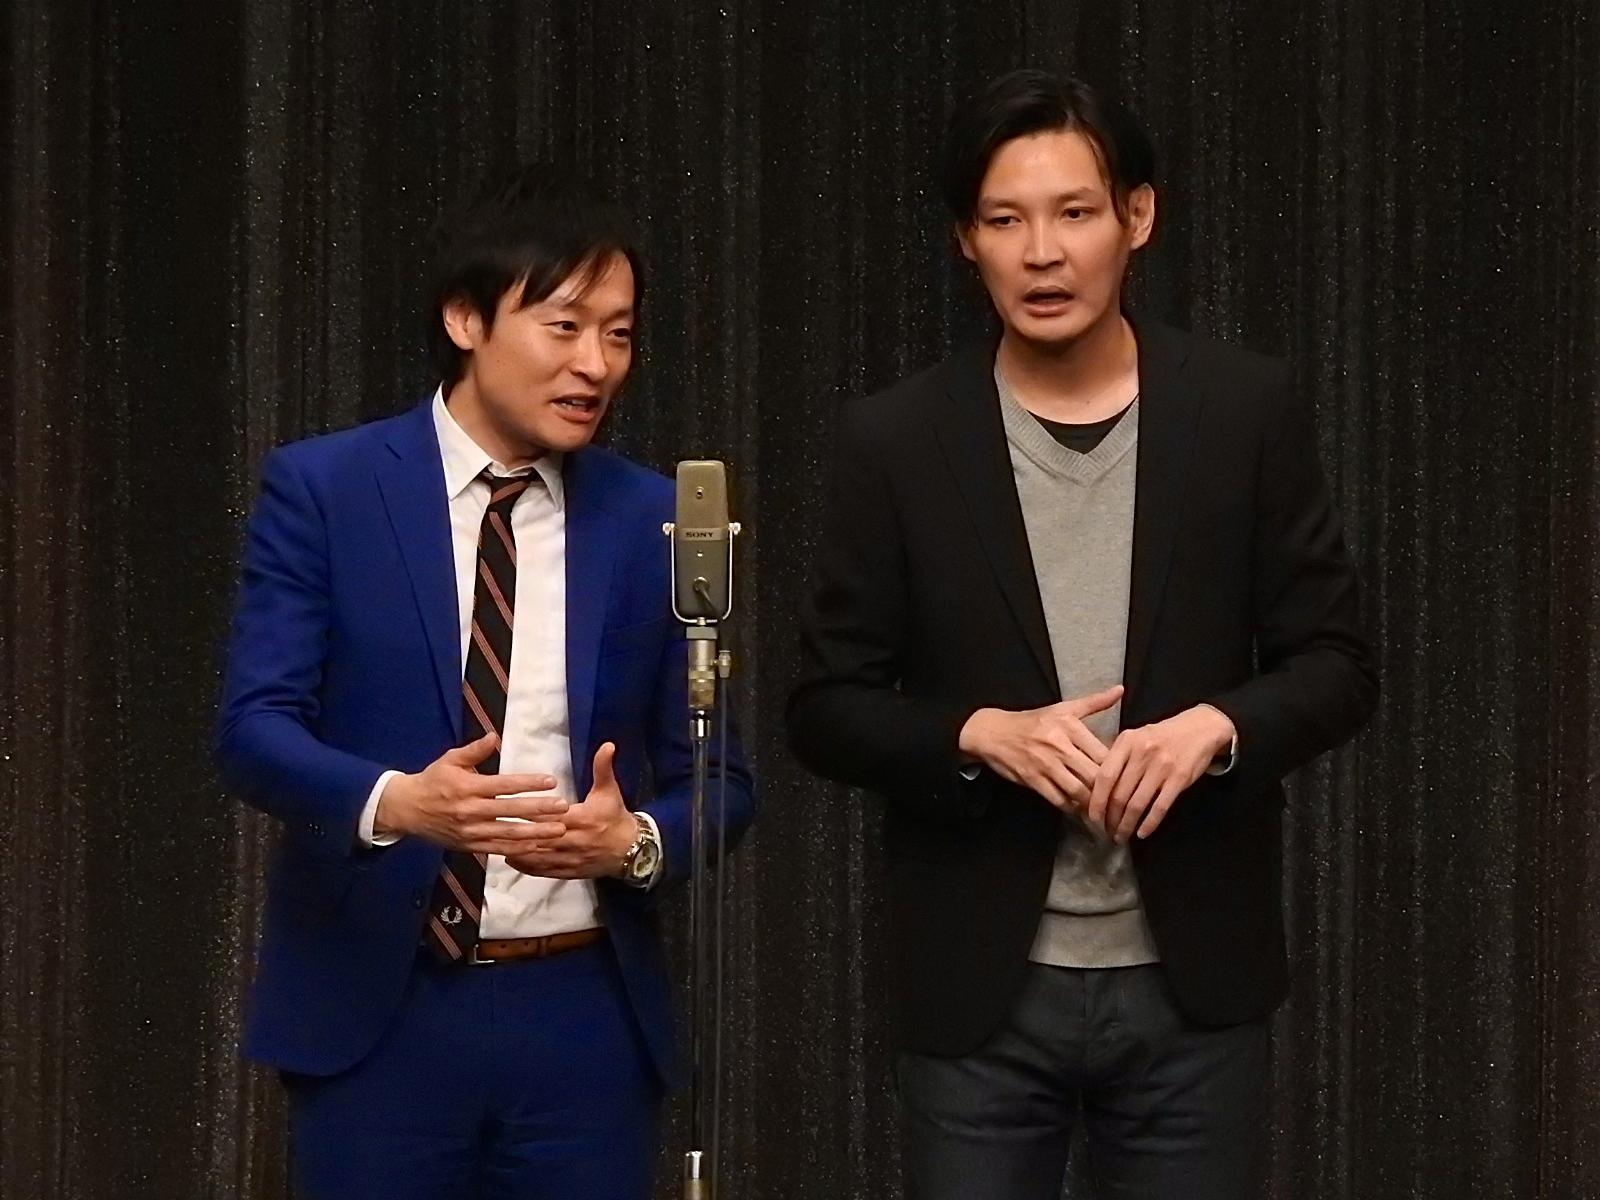 http://news.yoshimoto.co.jp/20171231214819-ab91b6ea24a14ed8af5f5a9c60921fe9f611b7da.jpg